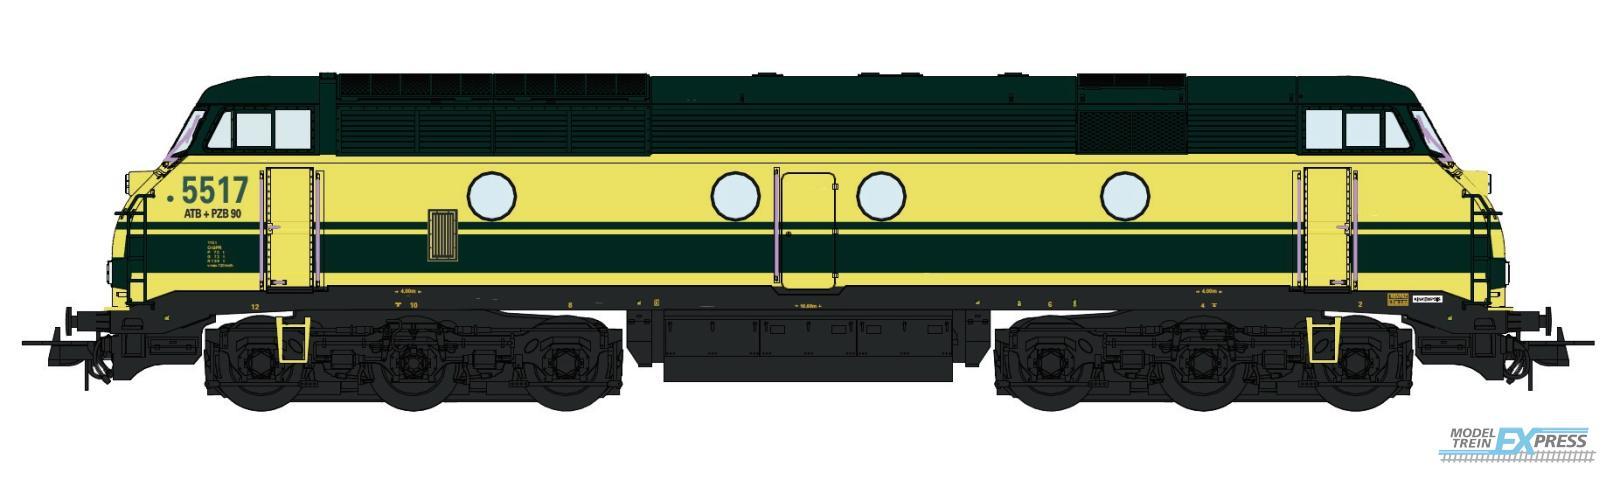 B-Models 22.128